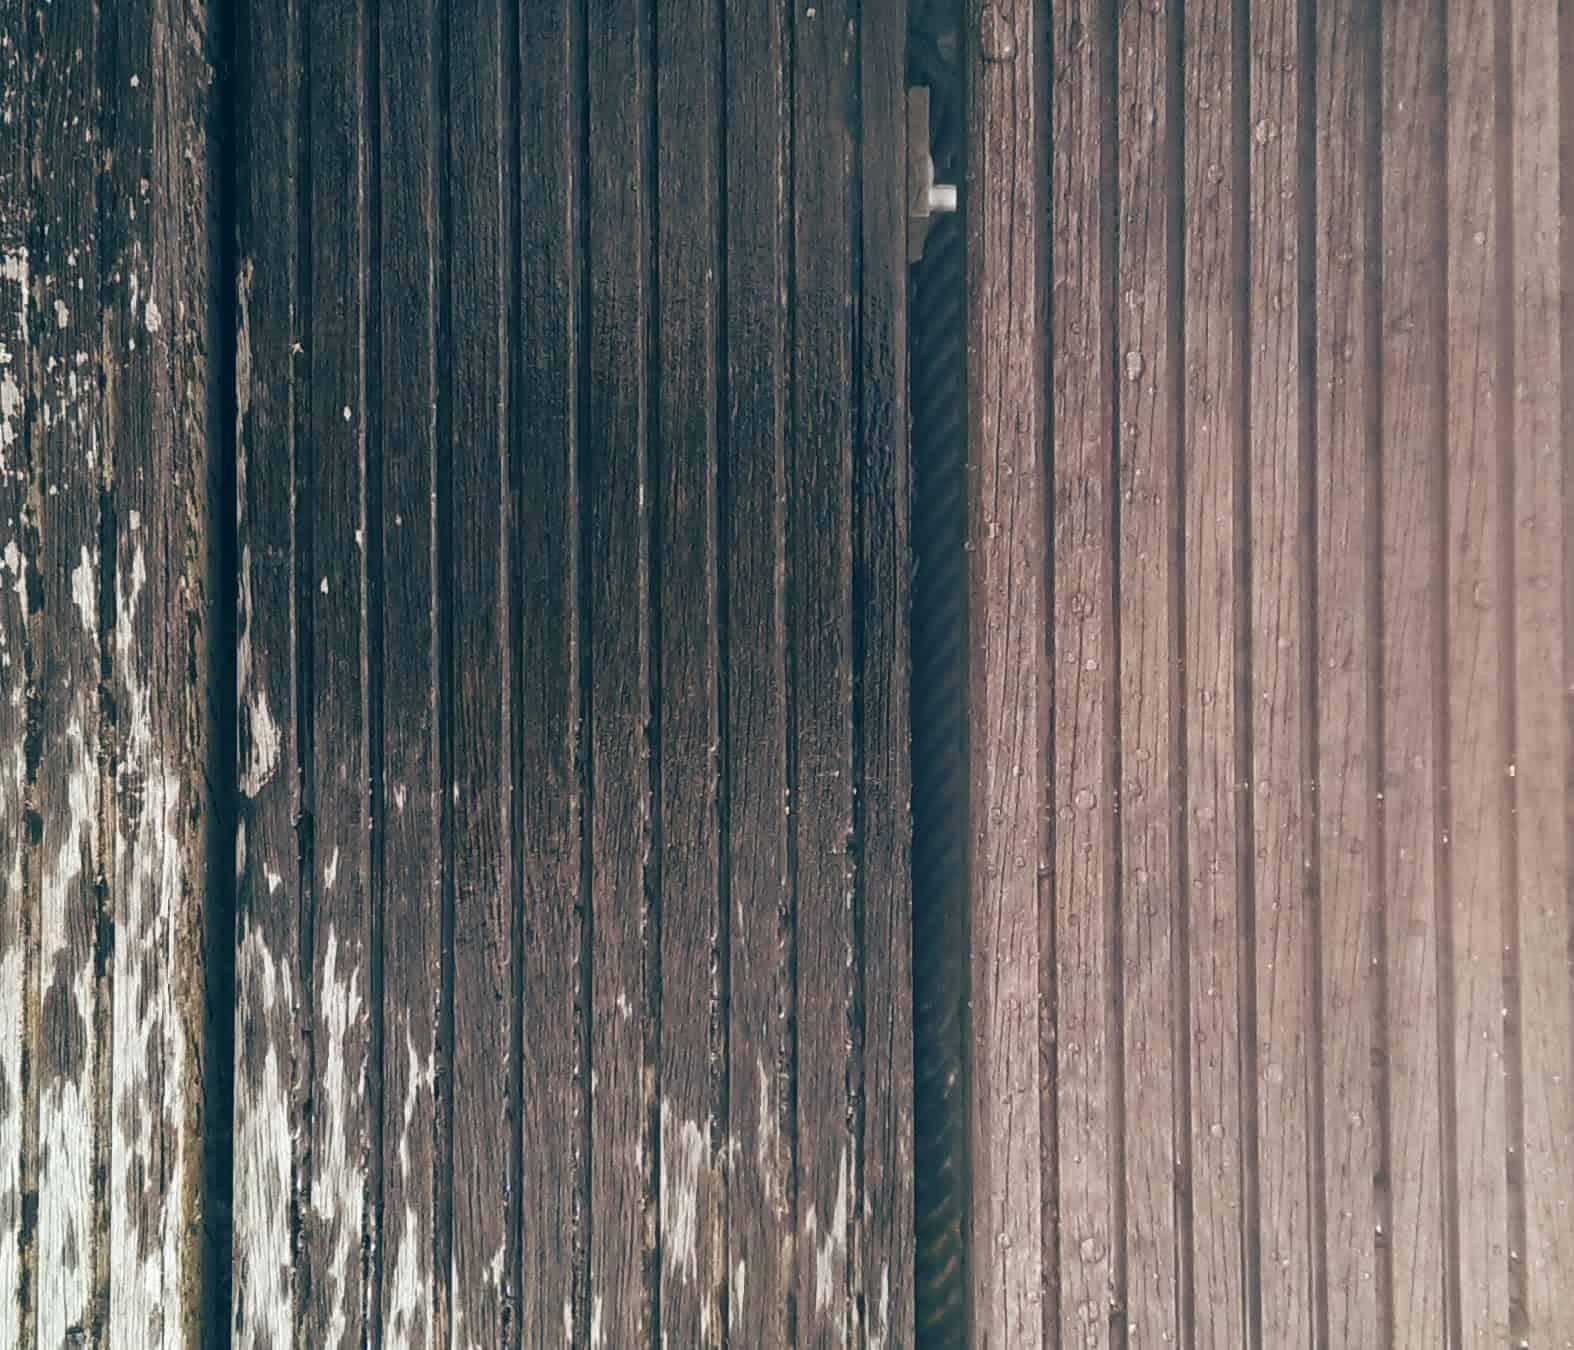 steigerhout schoonmaken, hout schoonmaken, tergeo wood cleaner, houten vlonder schoonmaken